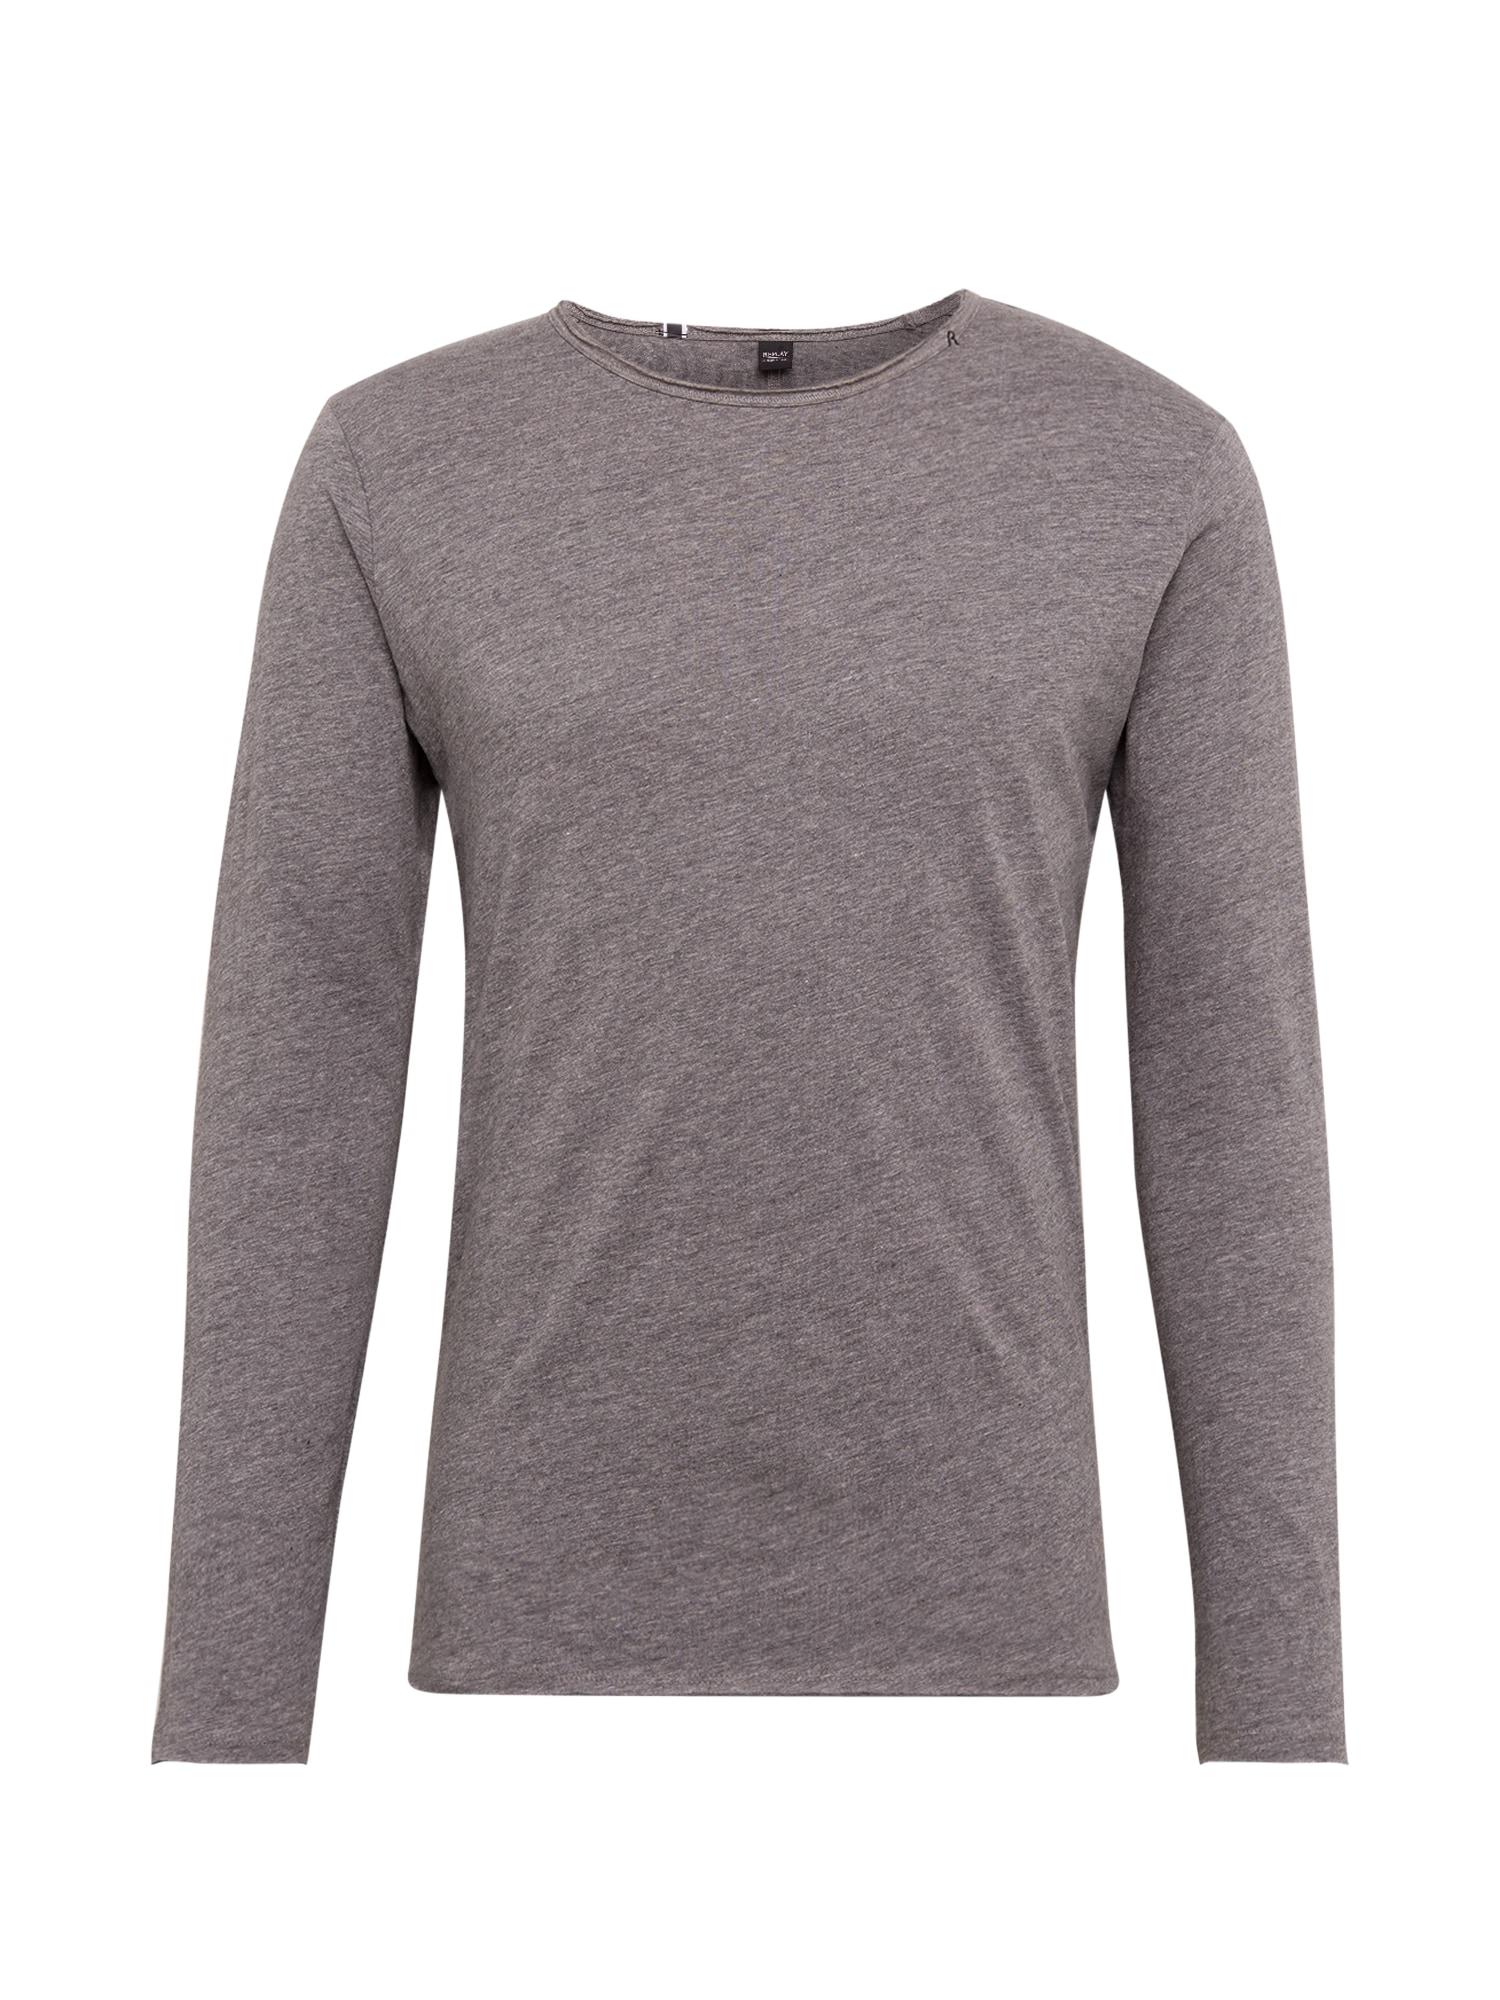 REPLAY Marškinėliai tamsiai pilka